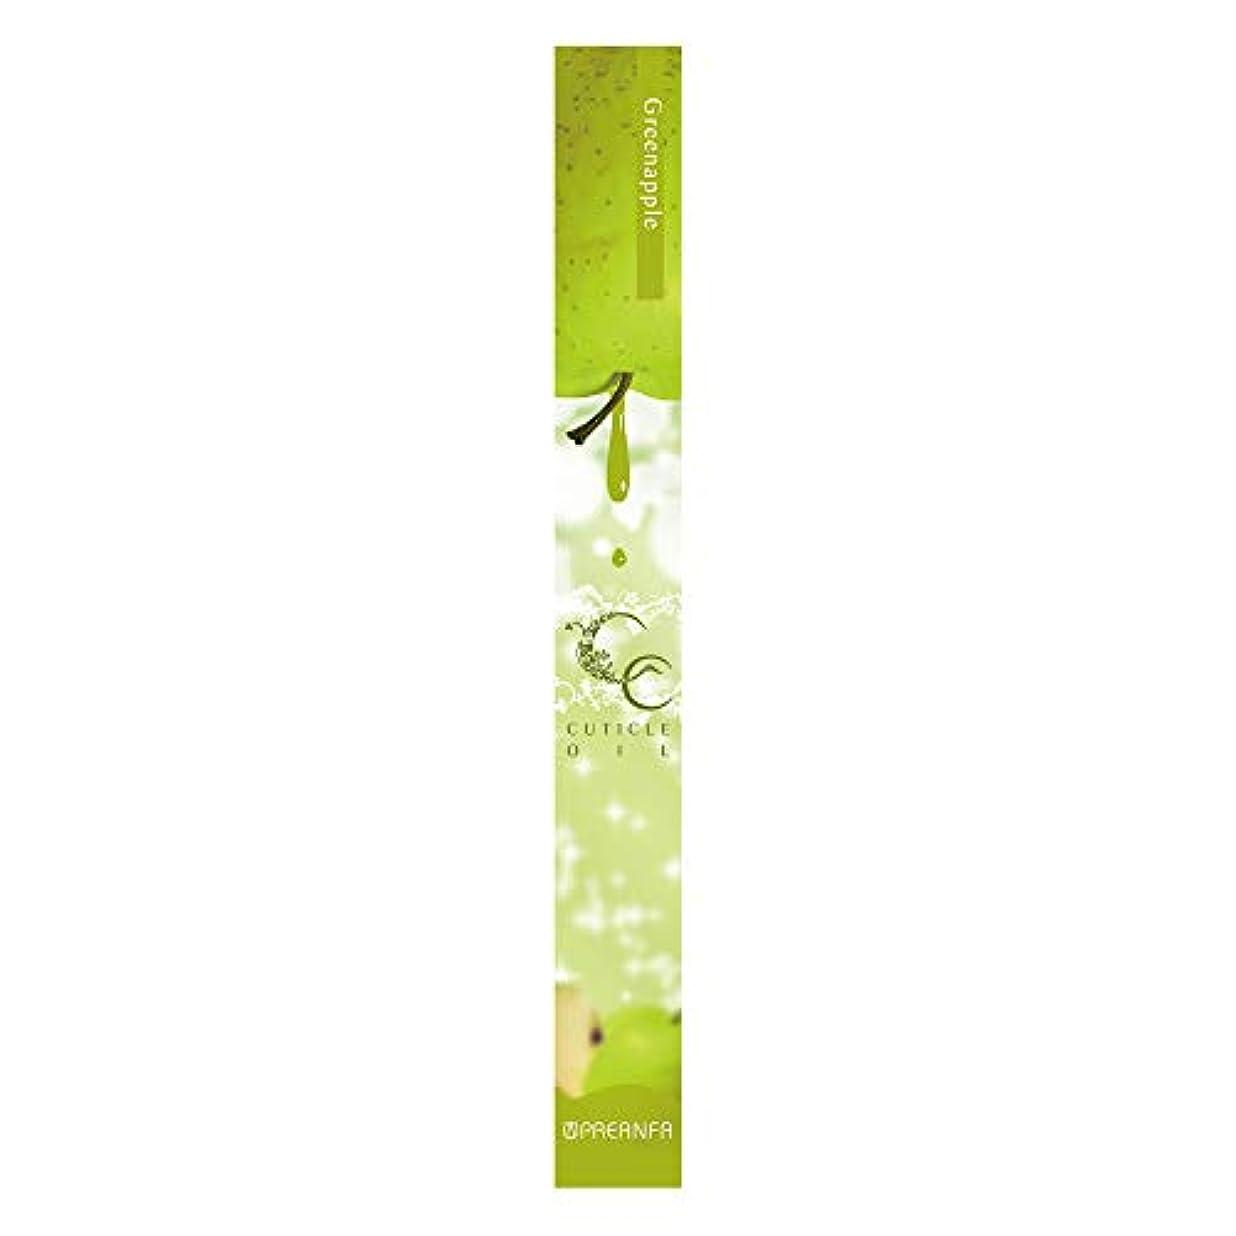 啓発するインストラクター公使館プリジェル ジェルネイル CCキューティクルオイル グリーンアップル 4.5g 保湿オイル ペンタイプ